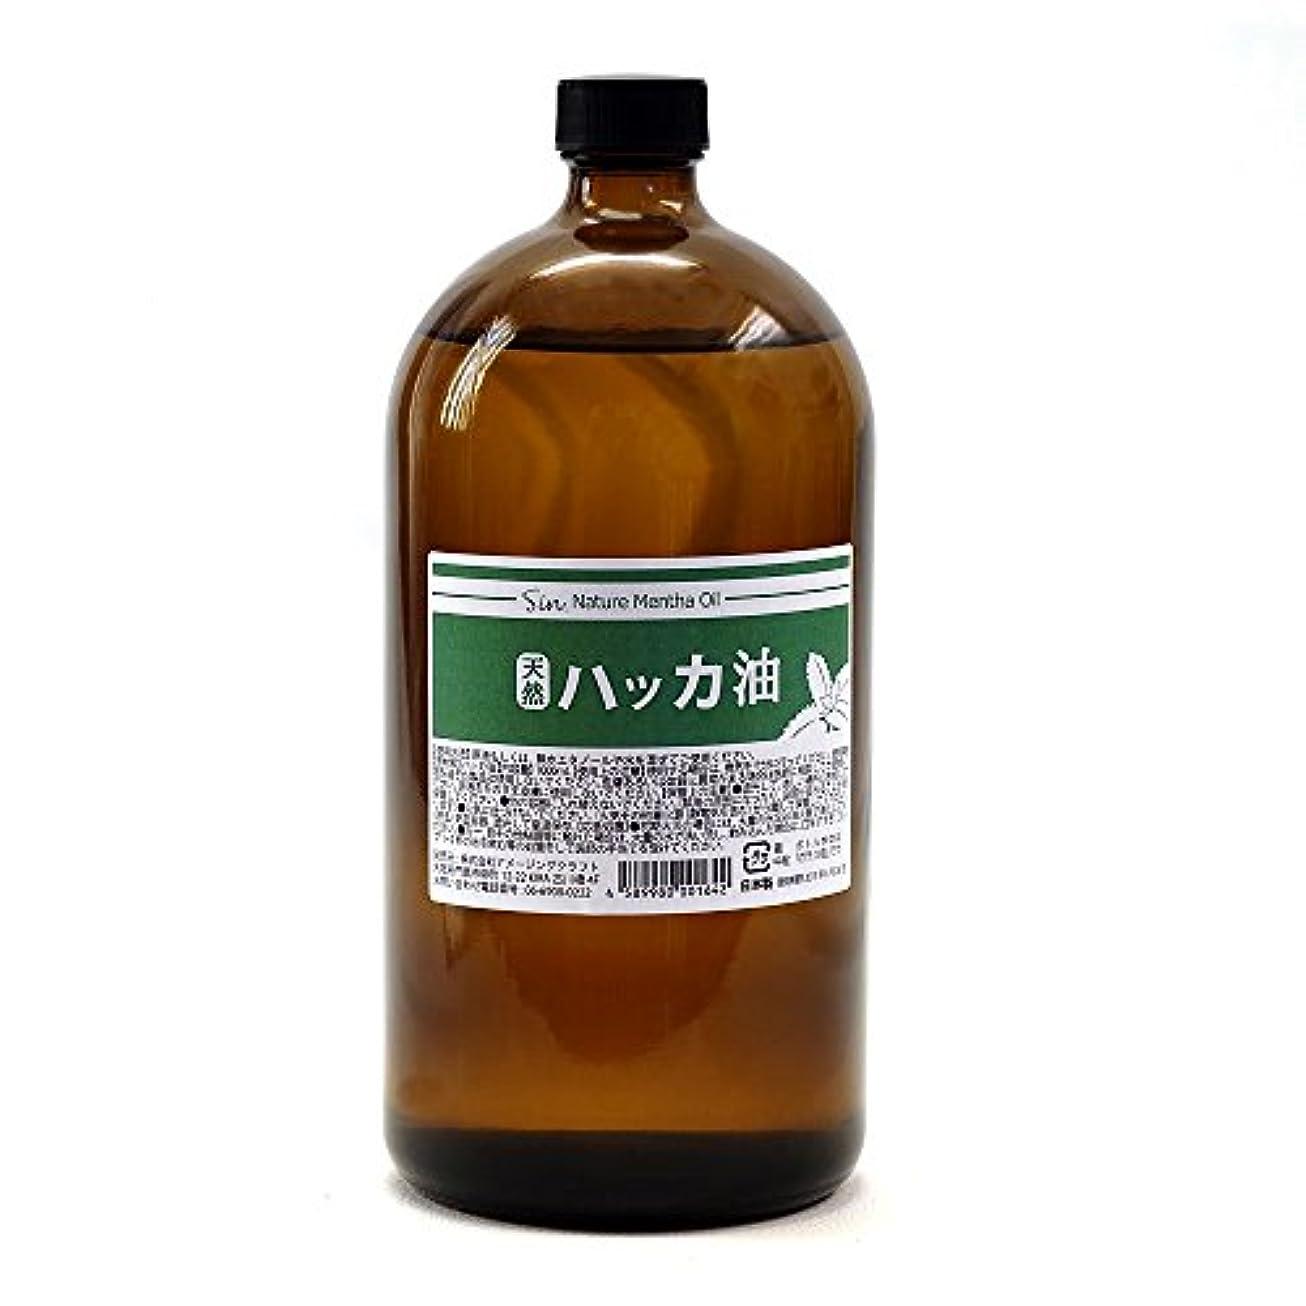 周辺メディックシンカン日本製 天然 ハッカ油 ハッカオイル 1000ml